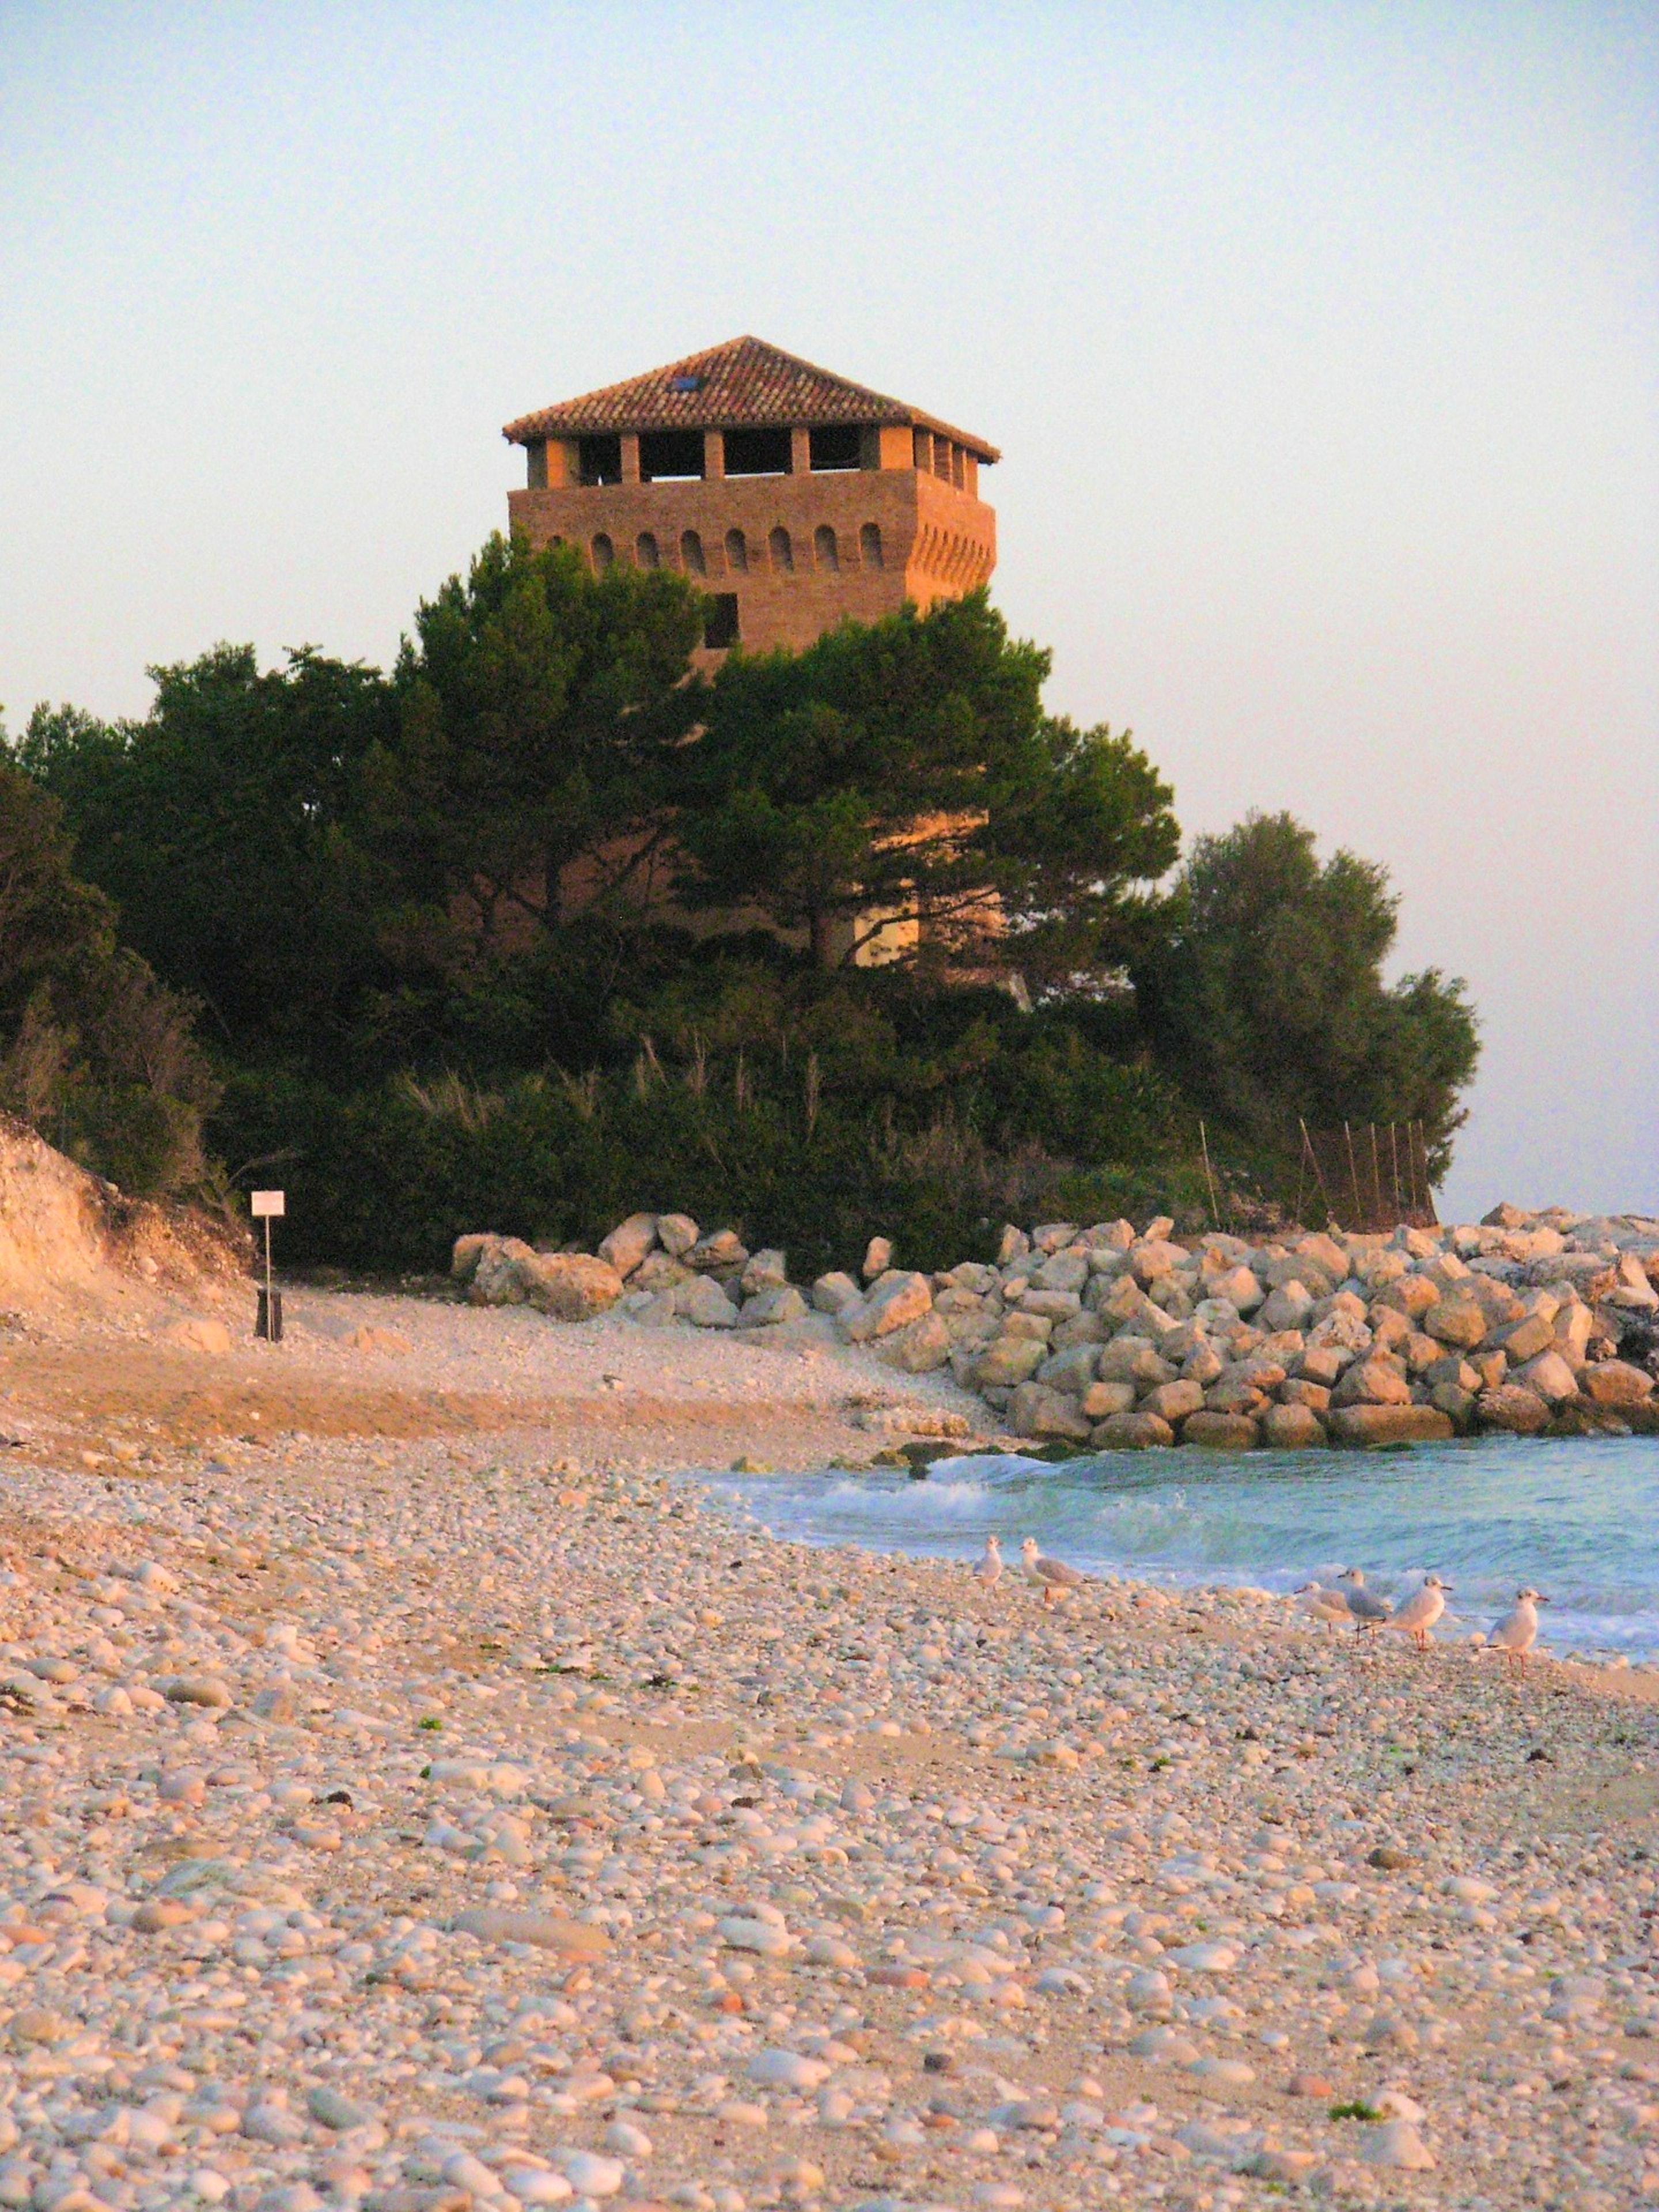 Ferienhaus Villa mit 5 Schlafzimmern in Pesaro mit privatem Pool, eingezäuntem Garten und W-LAN - 3 k (2202299), Pesaro, Pesaro und Urbino, Marken, Italien, Bild 34